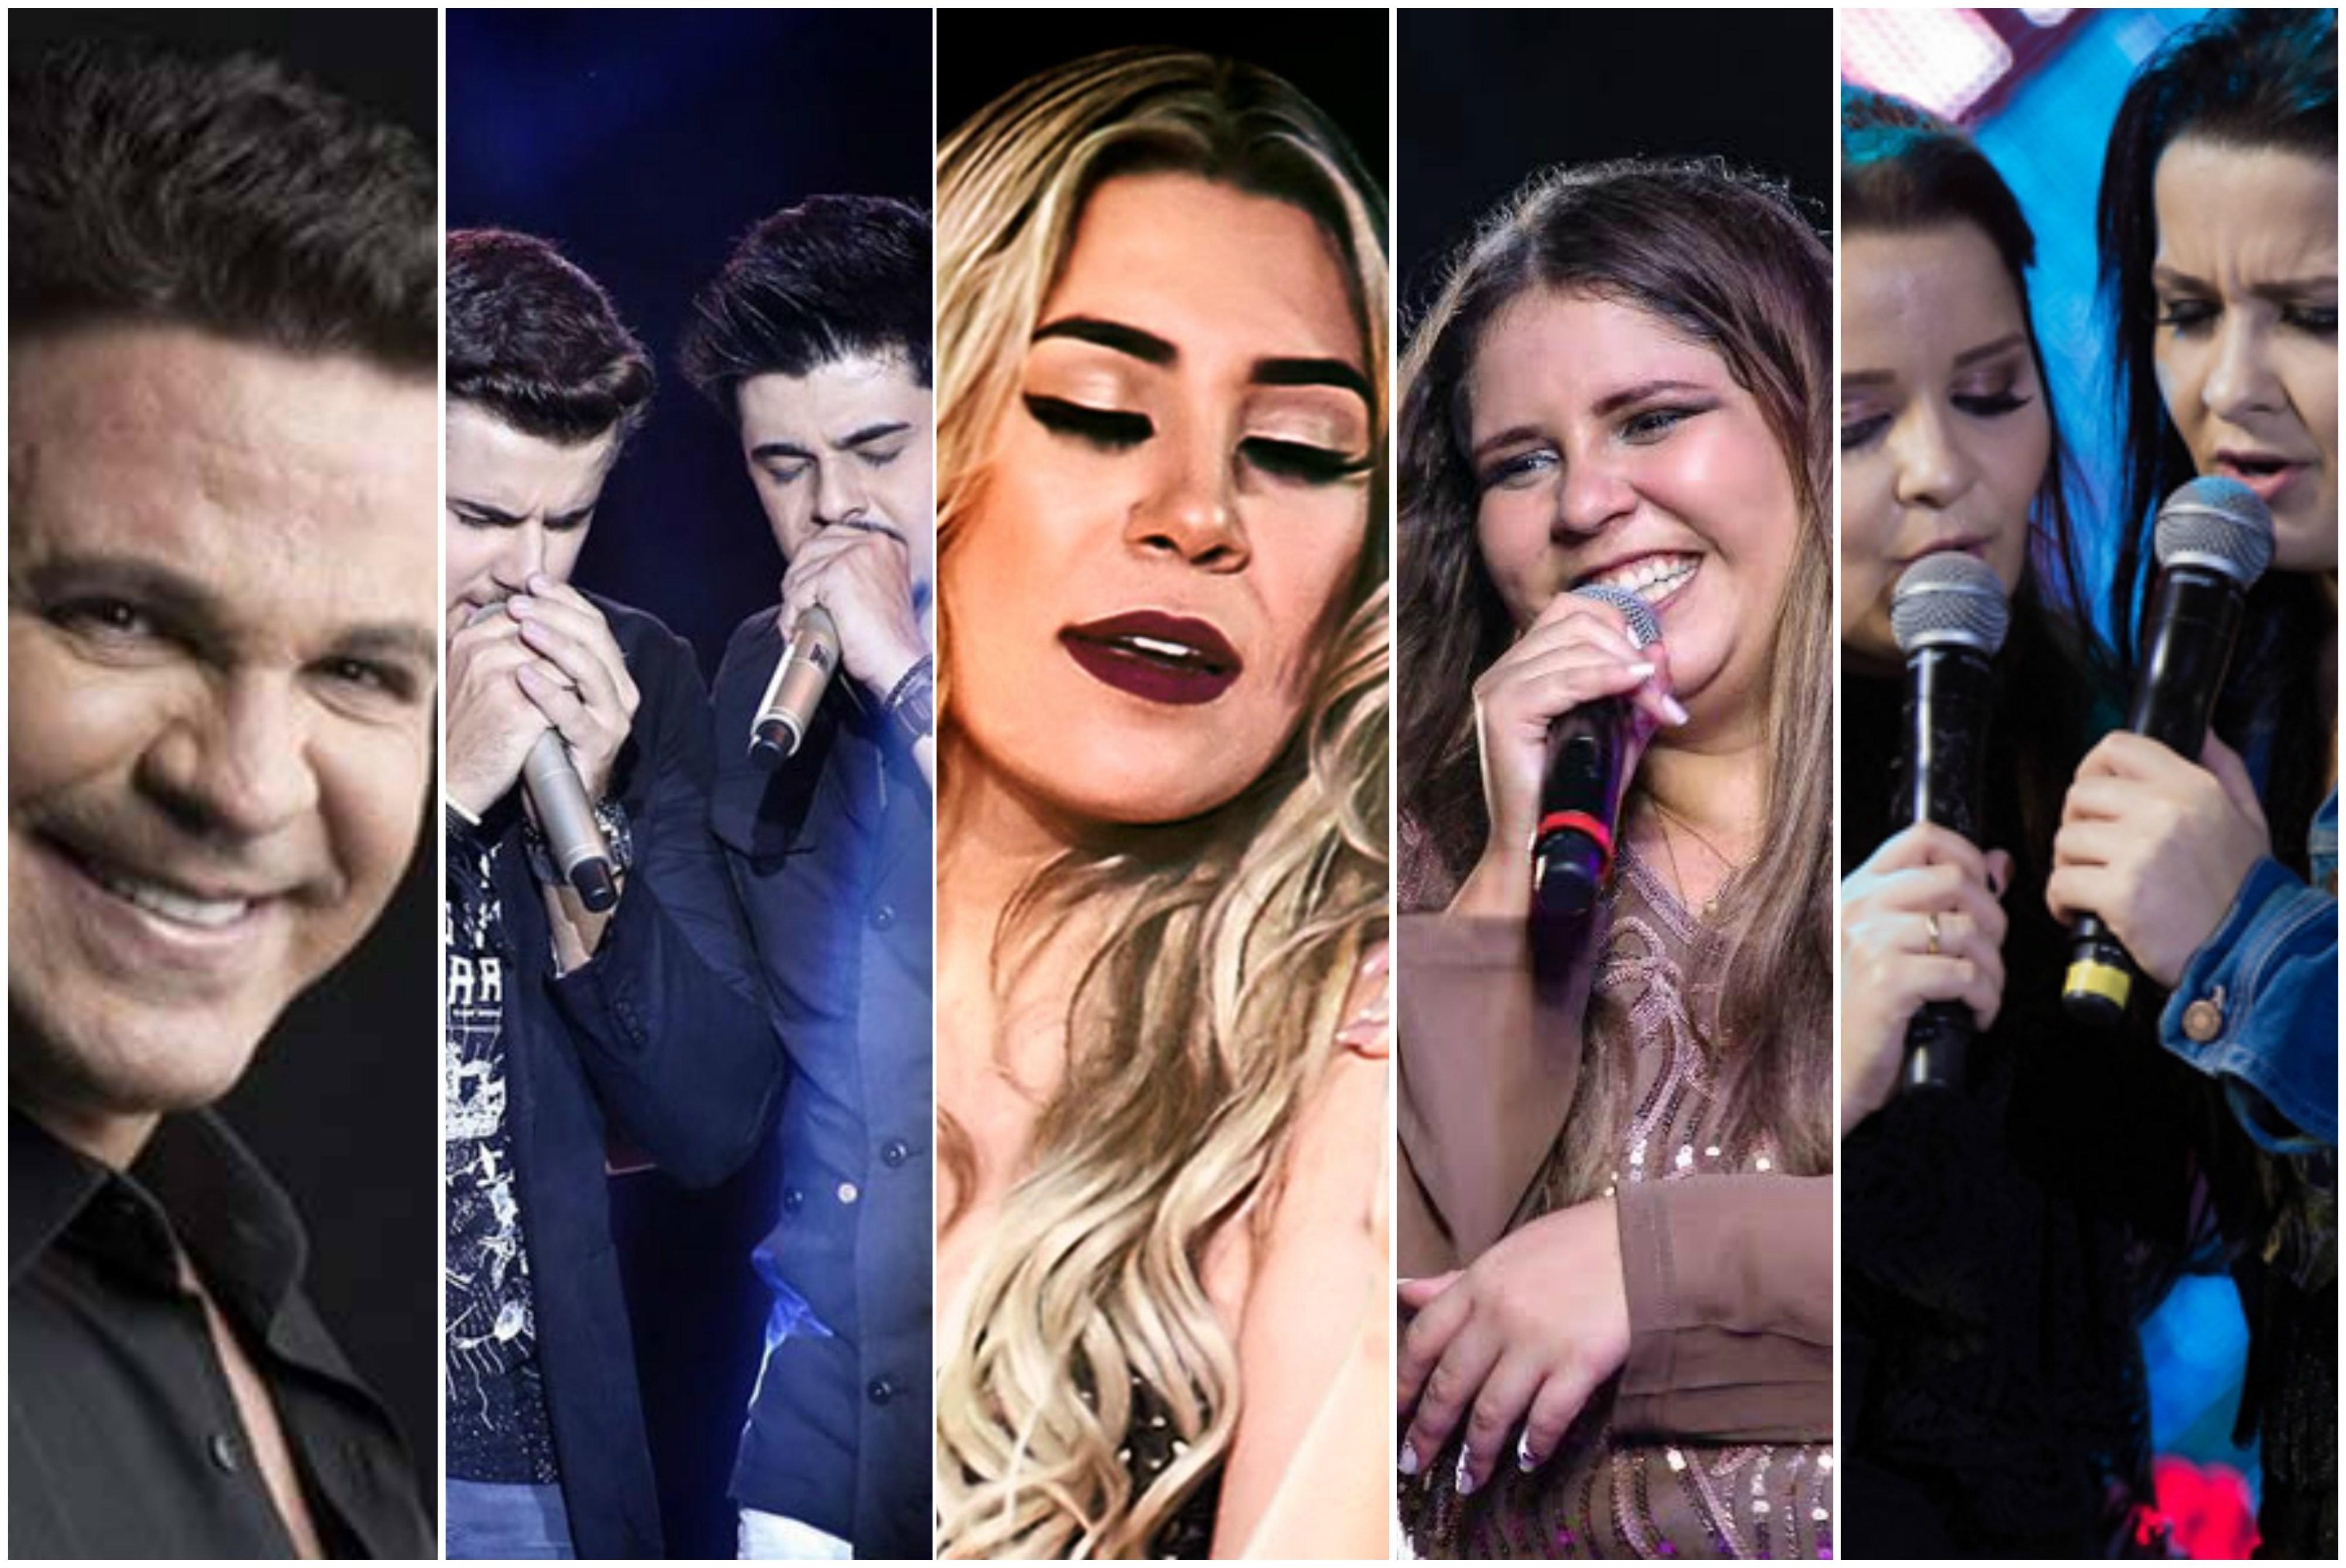 Os cantores das cinco msicas mais ouvidas do Brasil em 2016: Eduardo Costa, Z Neto e Cristiano, Naiara Azevedo, Marlia Mendona e Maiara e Maraisa (Foto: Divulgao)